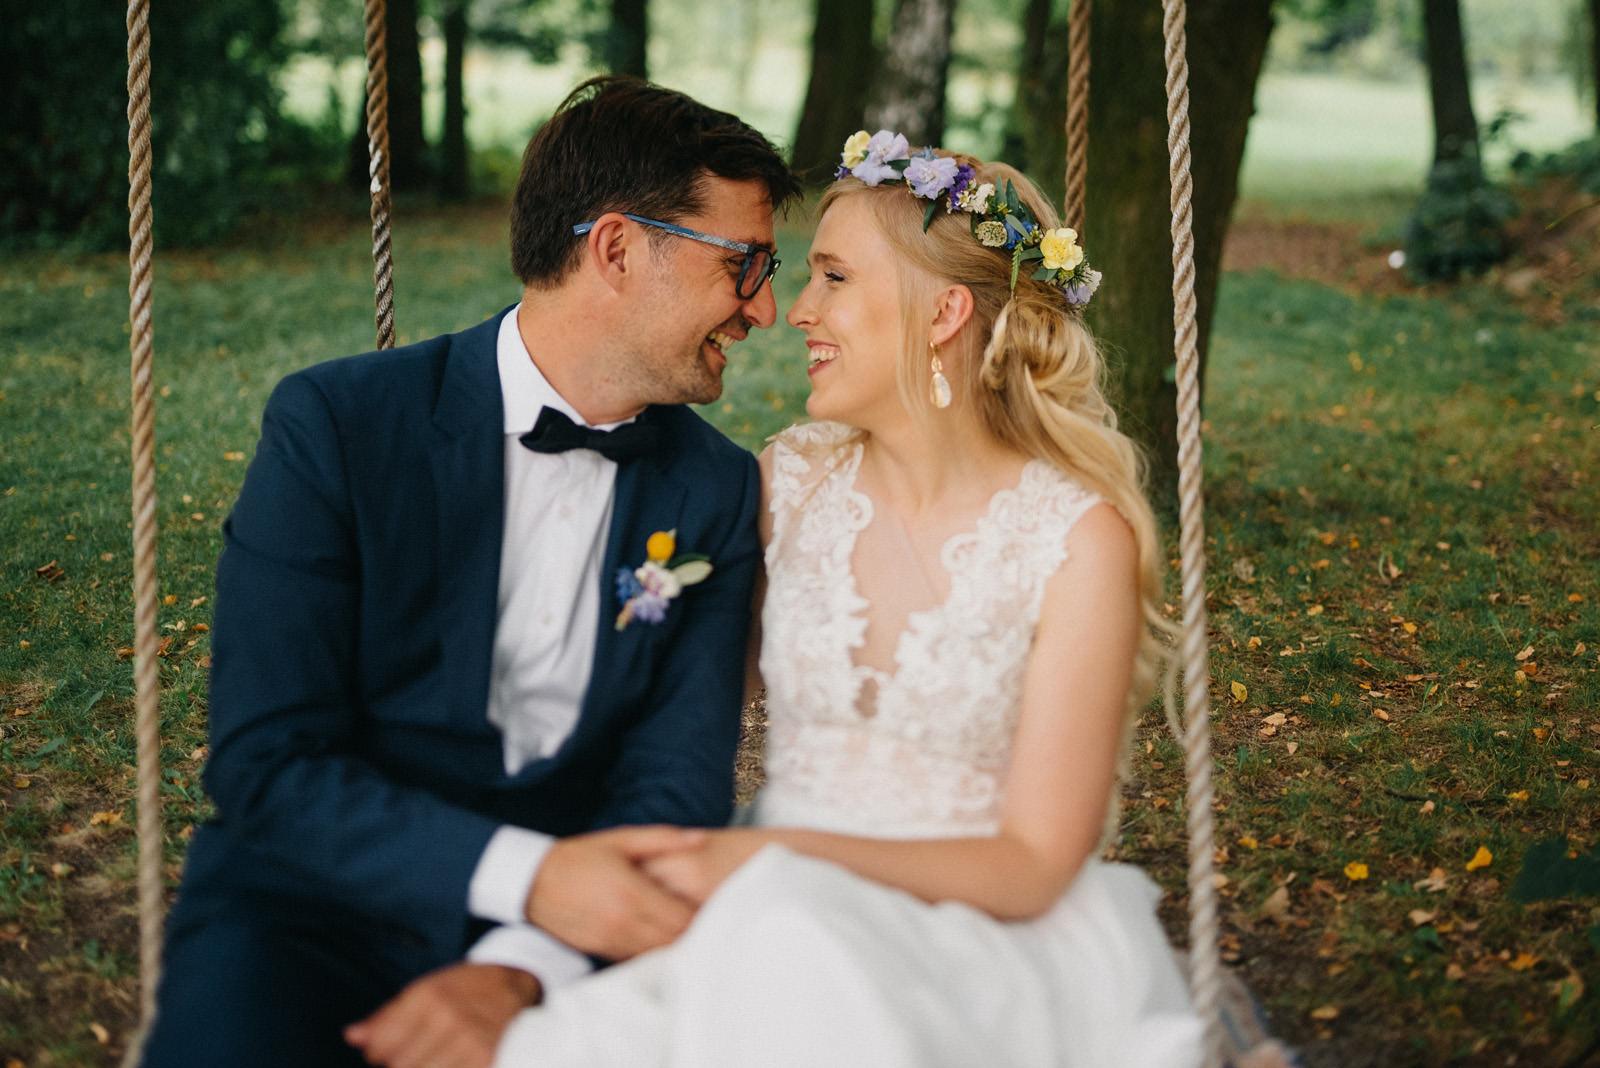 Osada młyńska czyli międzynarodowe wesele w plenerze Oryszew - portret młodej pary - Luke Sezeck fotografia